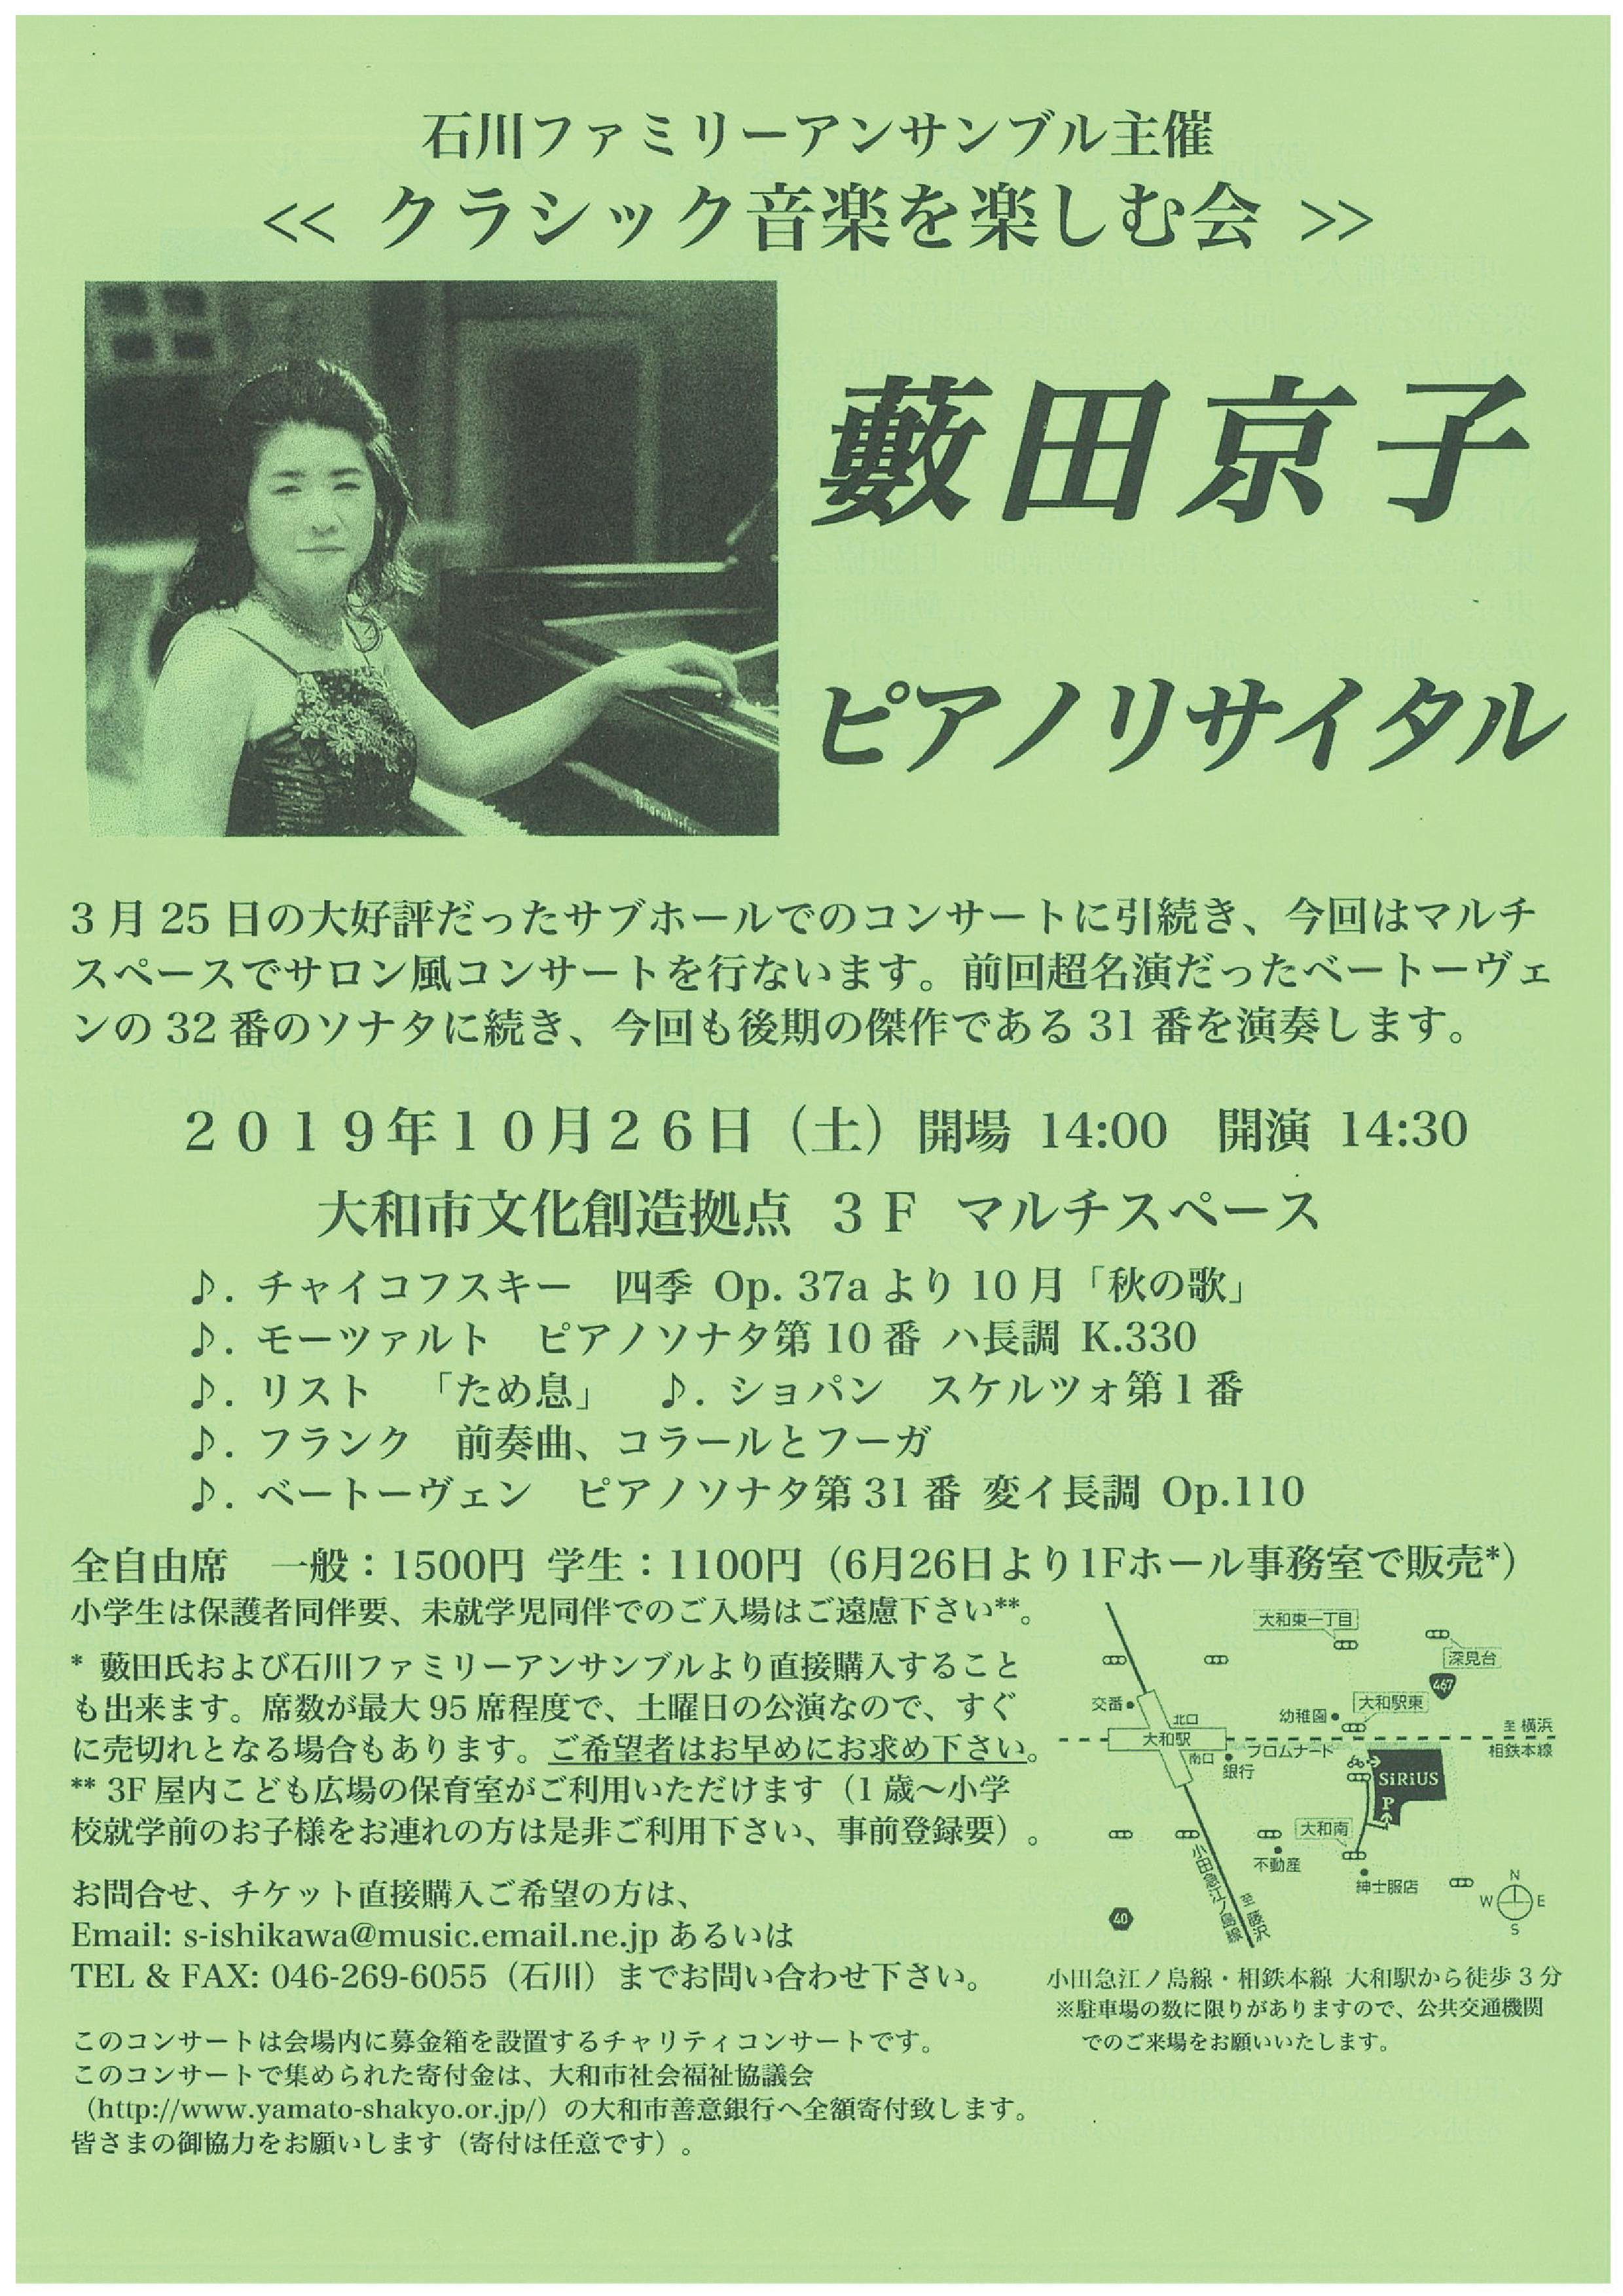 クラシック音楽を楽しむ会~藪田京子ピアノリサイタル